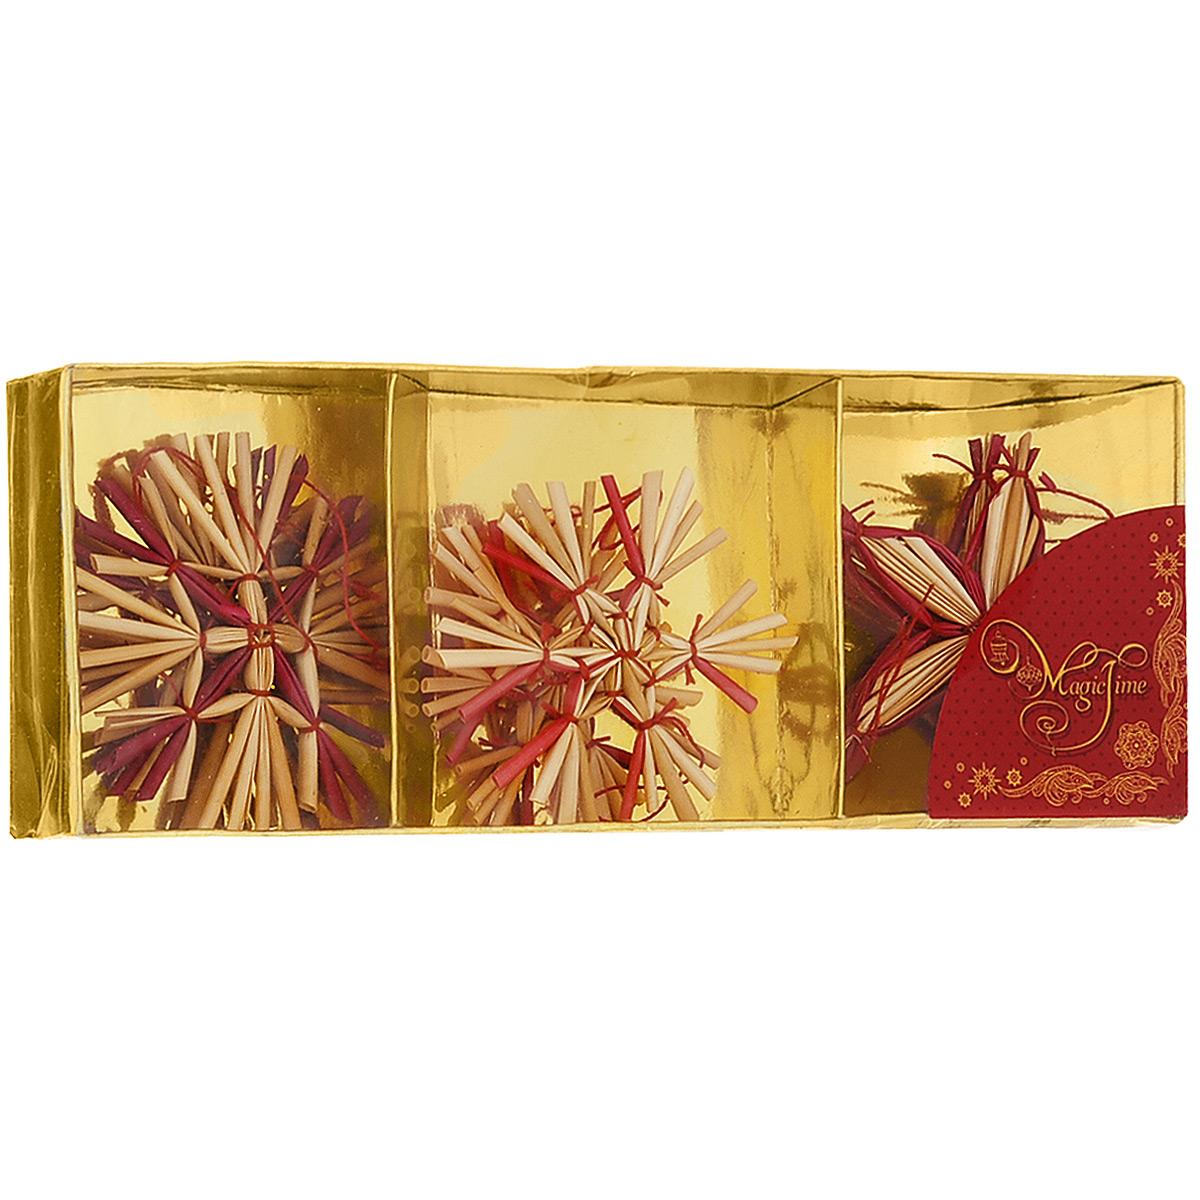 Набор новогодних подвесных украшений Magic Time, цвет: бежевый, красный, 6 шт. 3468834688Набор новогодних подвесных украшений Magic Time, изготовленный из соломки, украсит интерьер вашего дома или офиса в преддверии Нового года. Оригинальный дизайн и красочное исполнение создадут праздничное настроение. Набор состоит из 6 фигурок в форме снежинок разных форм. Украшения отлично подойдут для декорации вашего дома и новогодней ели. Игрушки оснащены специальными петлями для подвешивания.Елочная игрушка - символ Нового года. Она несет в себе волшебство и красоту праздника. Создайте в своем доме атмосферу веселья и радости, украшая всей семьей новогоднюю елку нарядными игрушками, которые будут из года в год накапливать теплоту воспоминаний. Коллекция декоративных украшений из серии Magic Time принесет в ваш дом ни с чем не сравнимое ощущение волшебства!